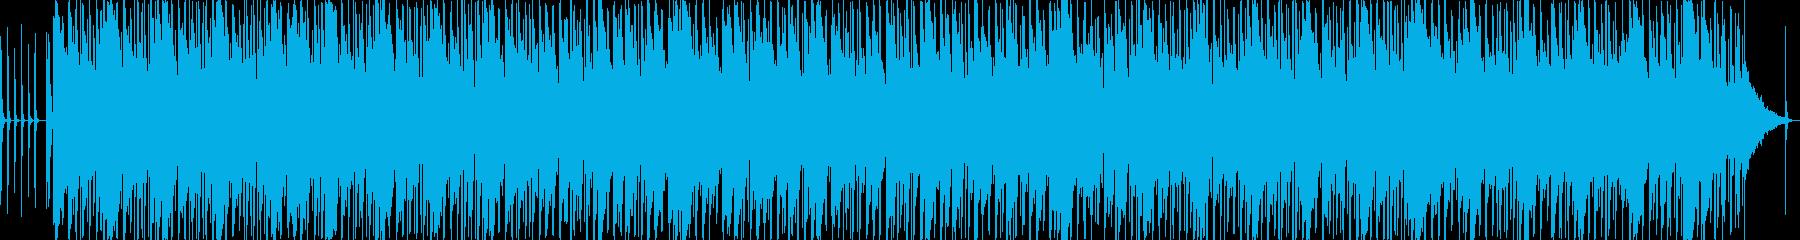 怪しい雰囲気の漂う曲ですの再生済みの波形